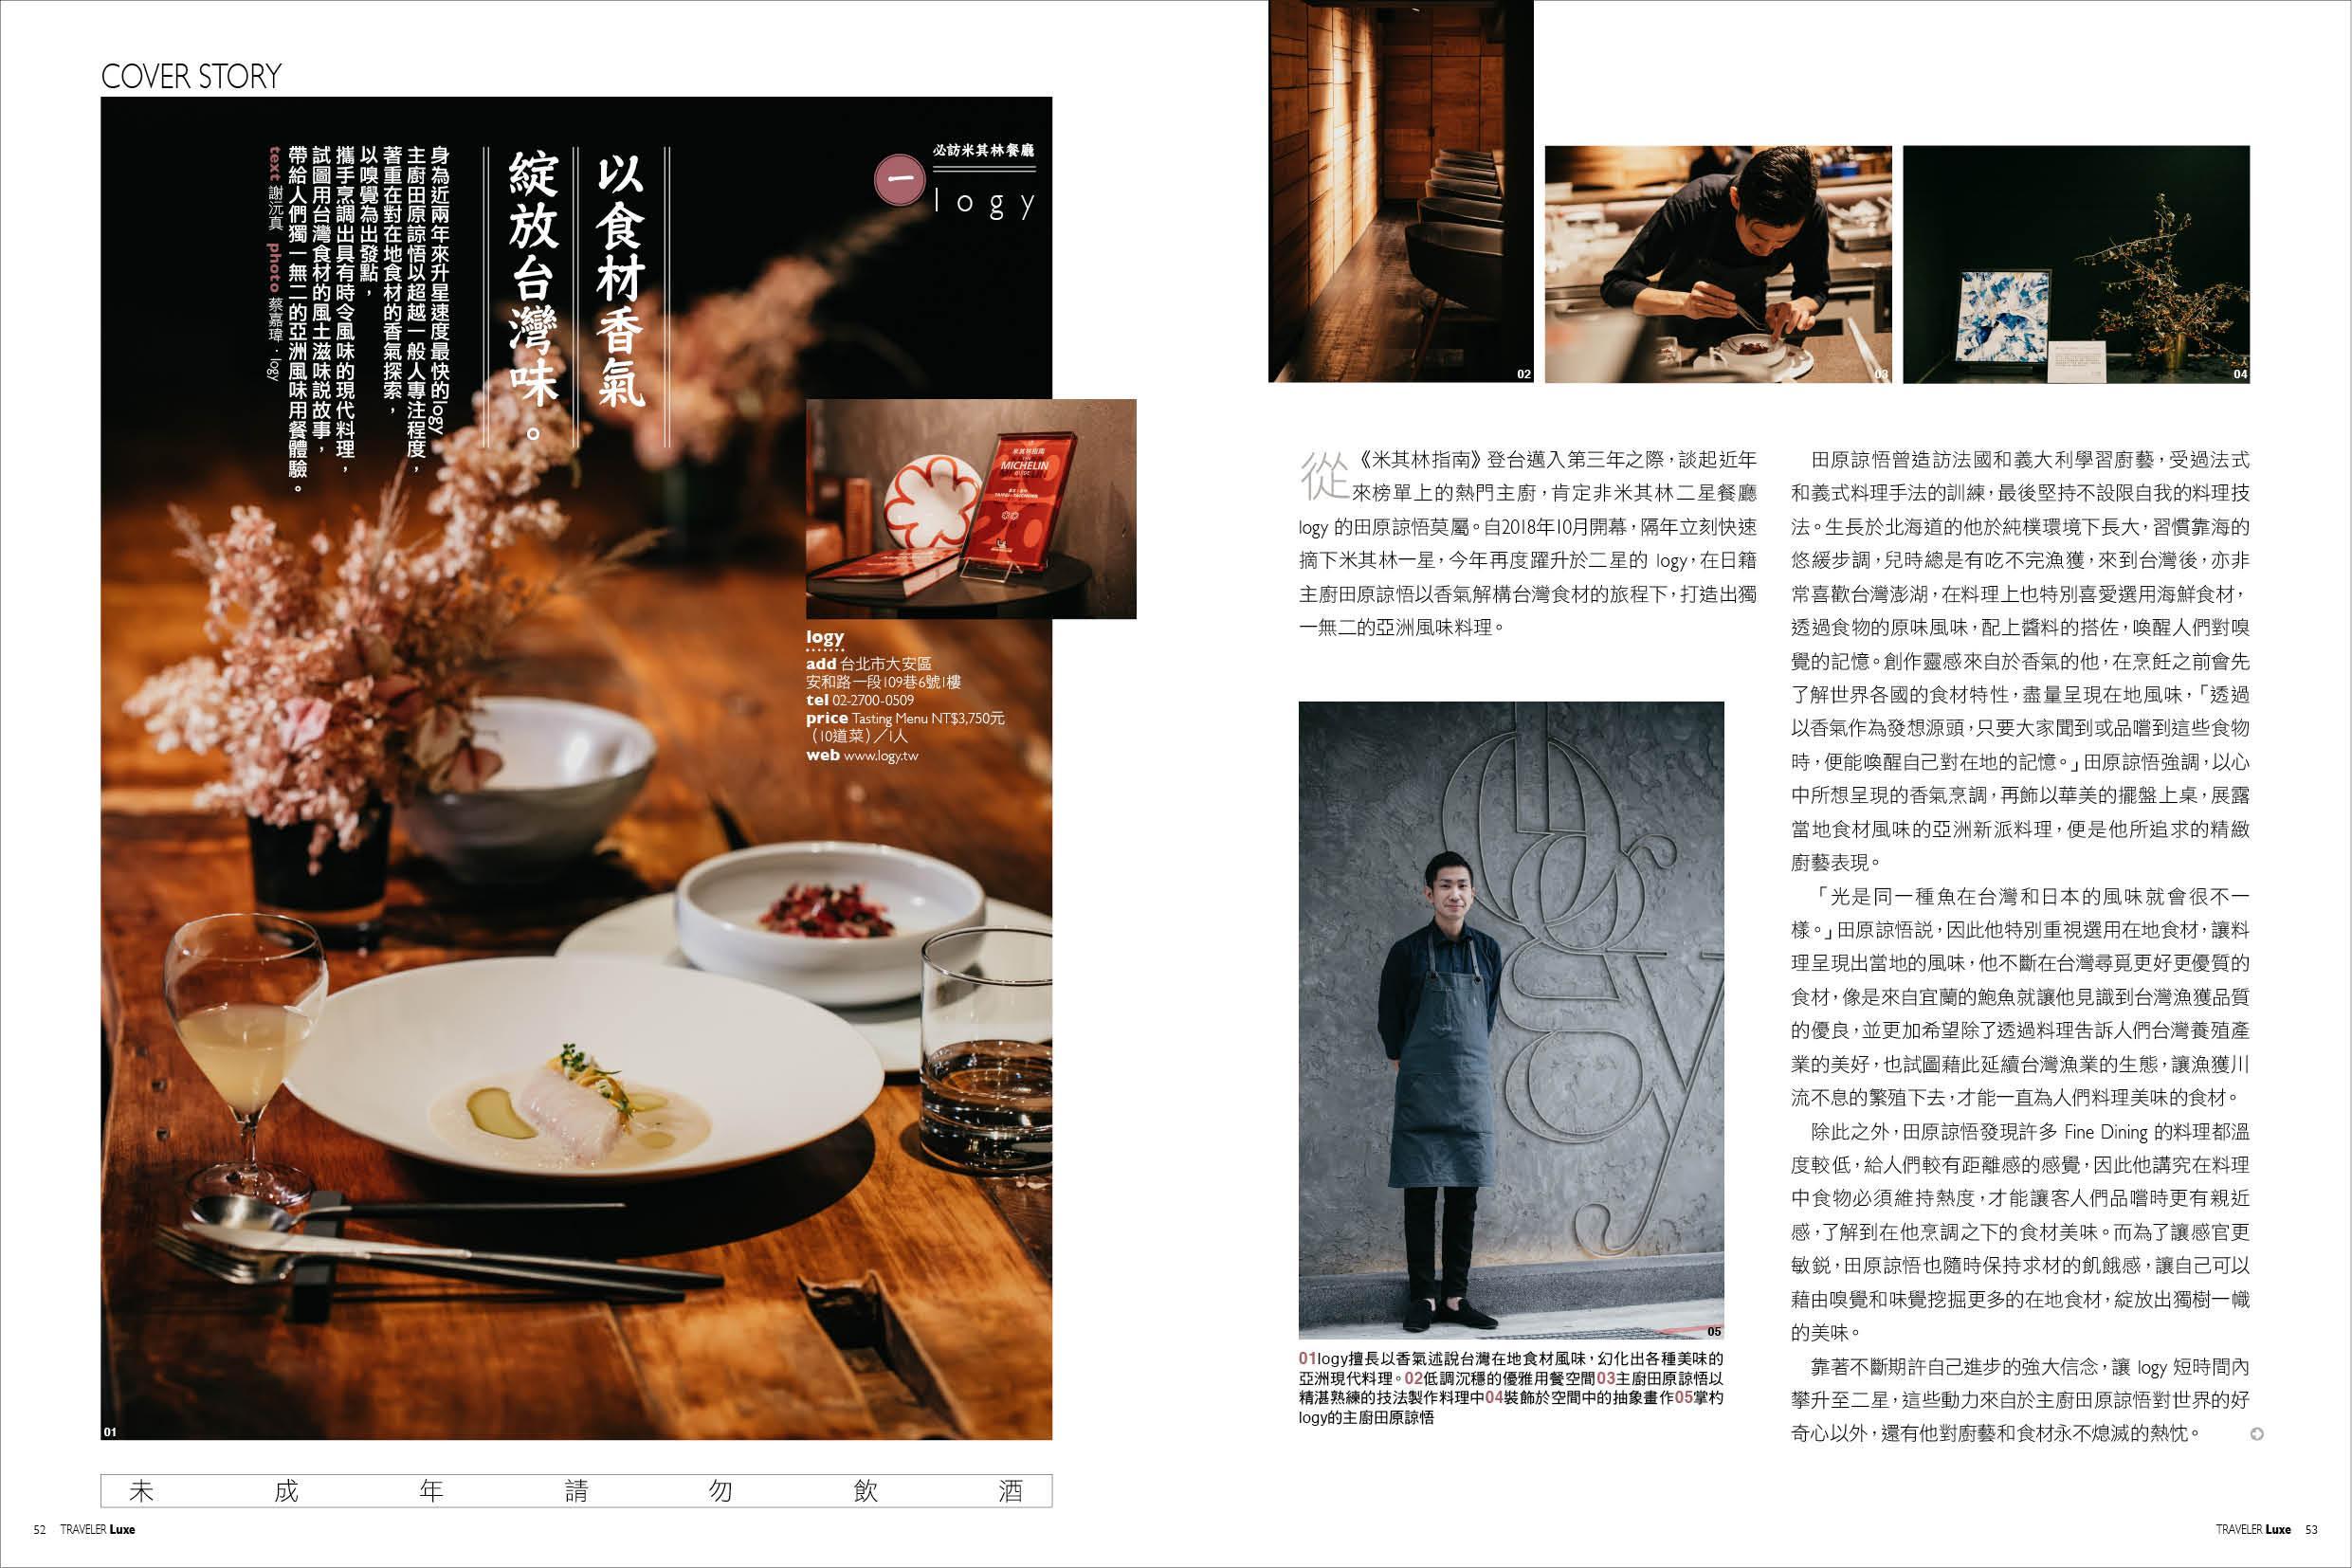 究極的味覺旅程,以美食美酒探索台灣 pic3